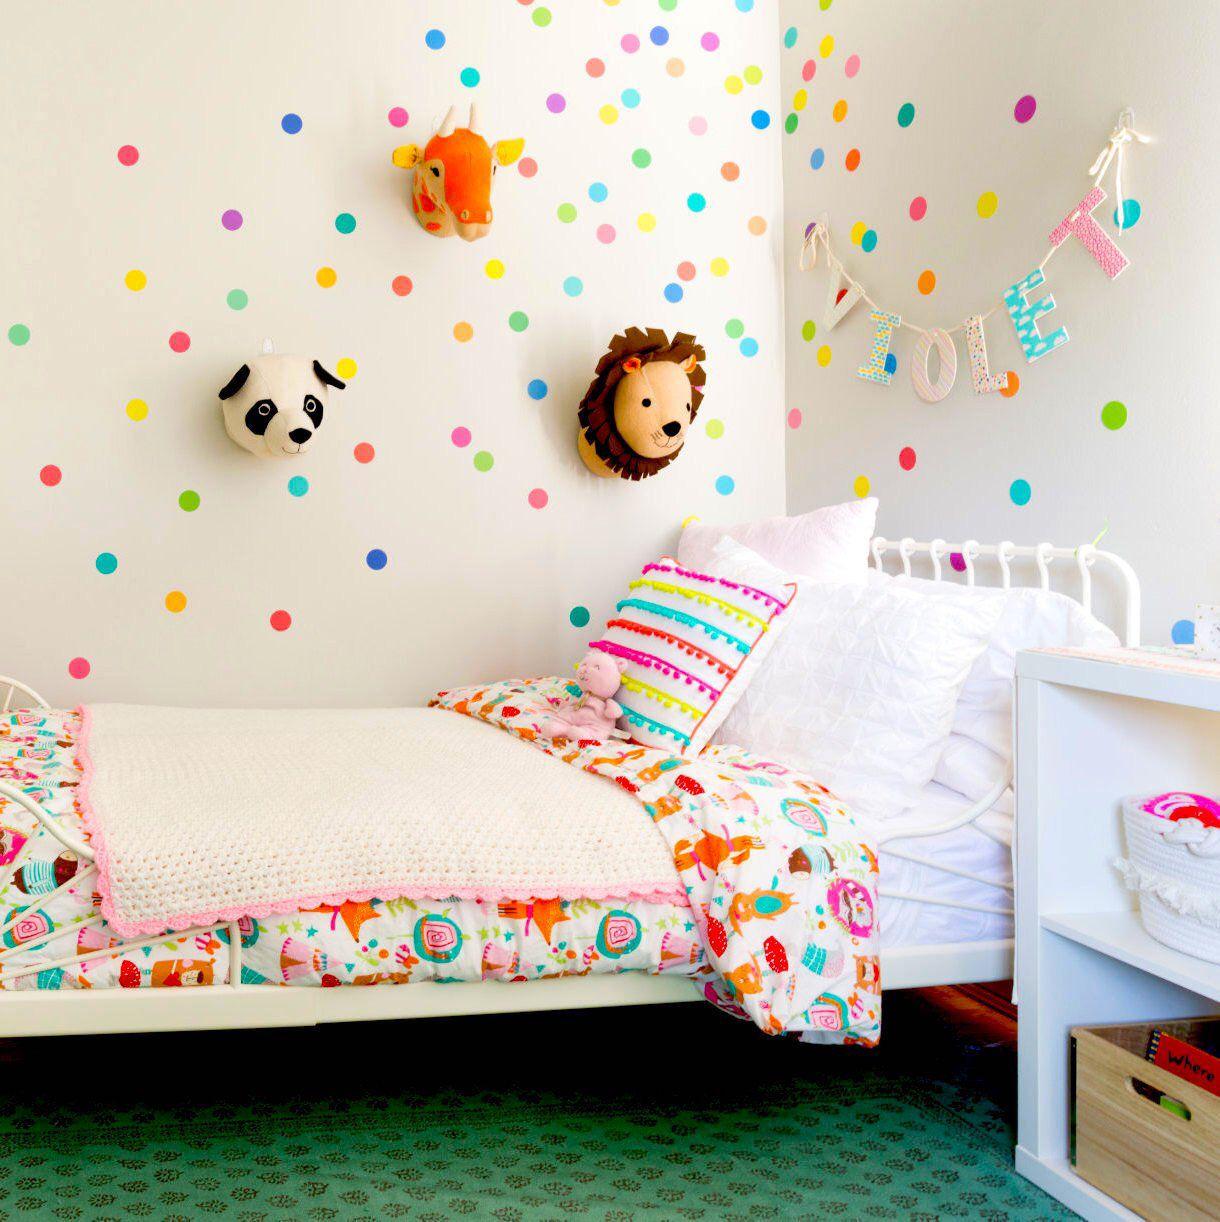 Best Fabric Wall Decals 121 Mini Rainbow Dots Confetti Polka 400 x 300